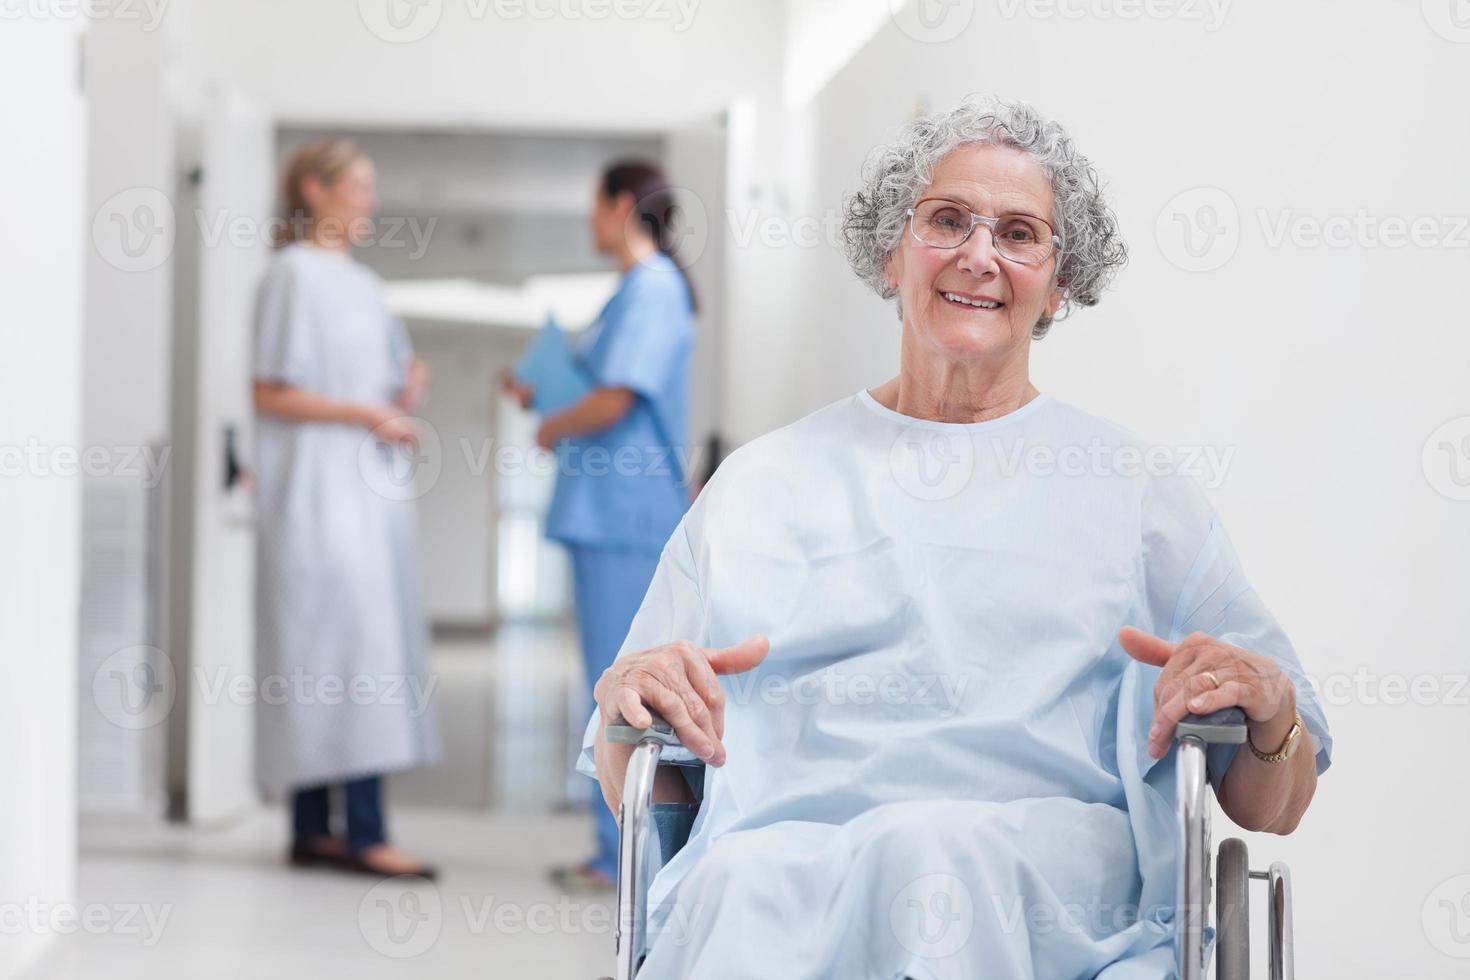 äldre patient i korridoren foto